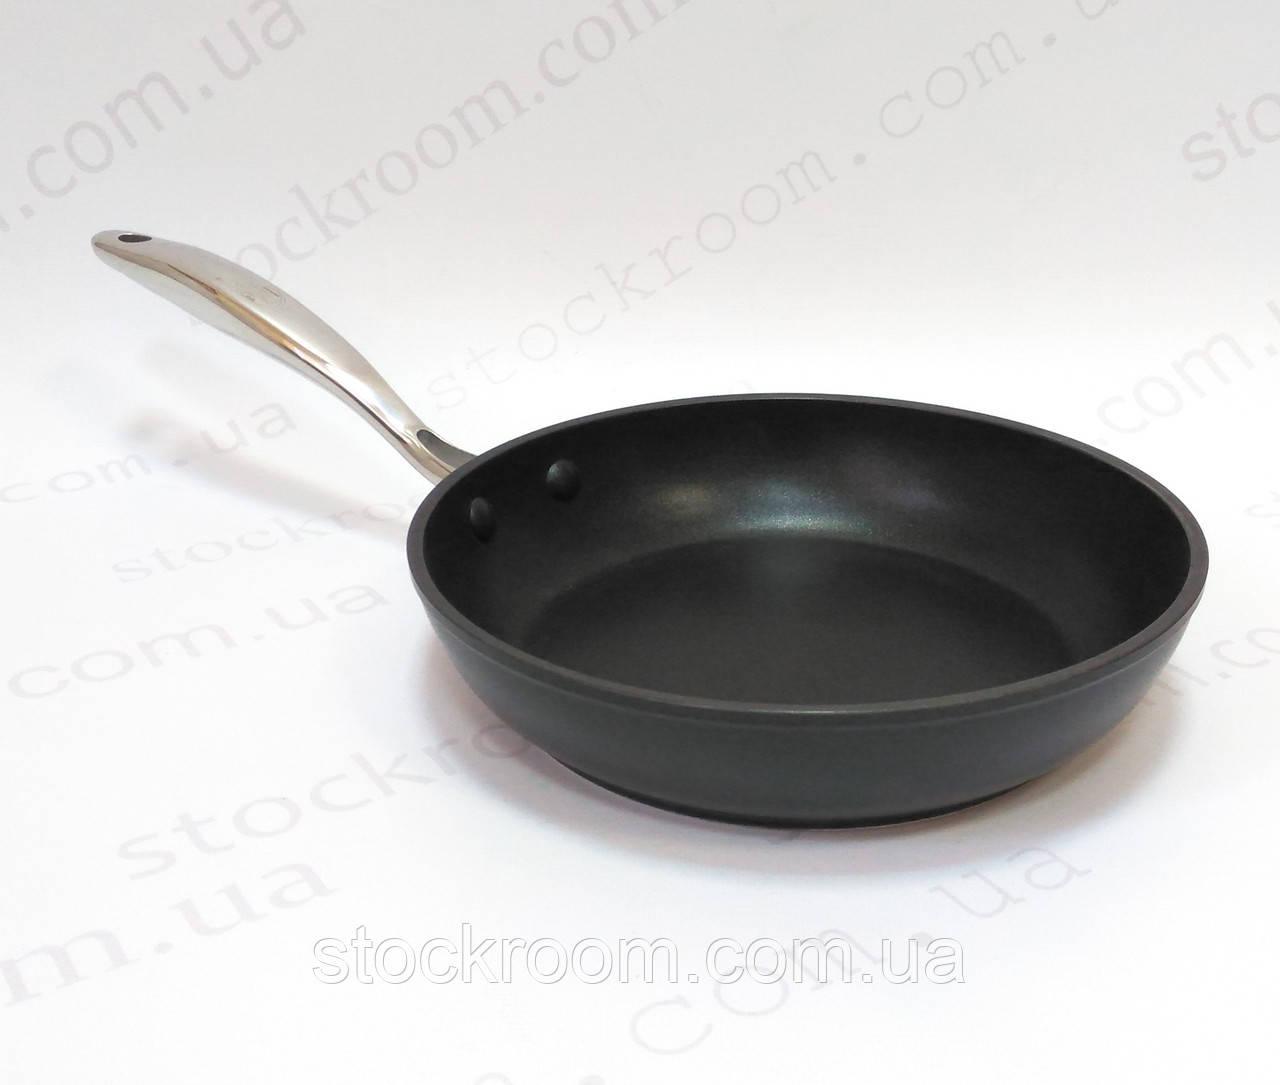 Сковорода Krauff 25-45-068 Ø 24см Elegant с антипригарным покрытием